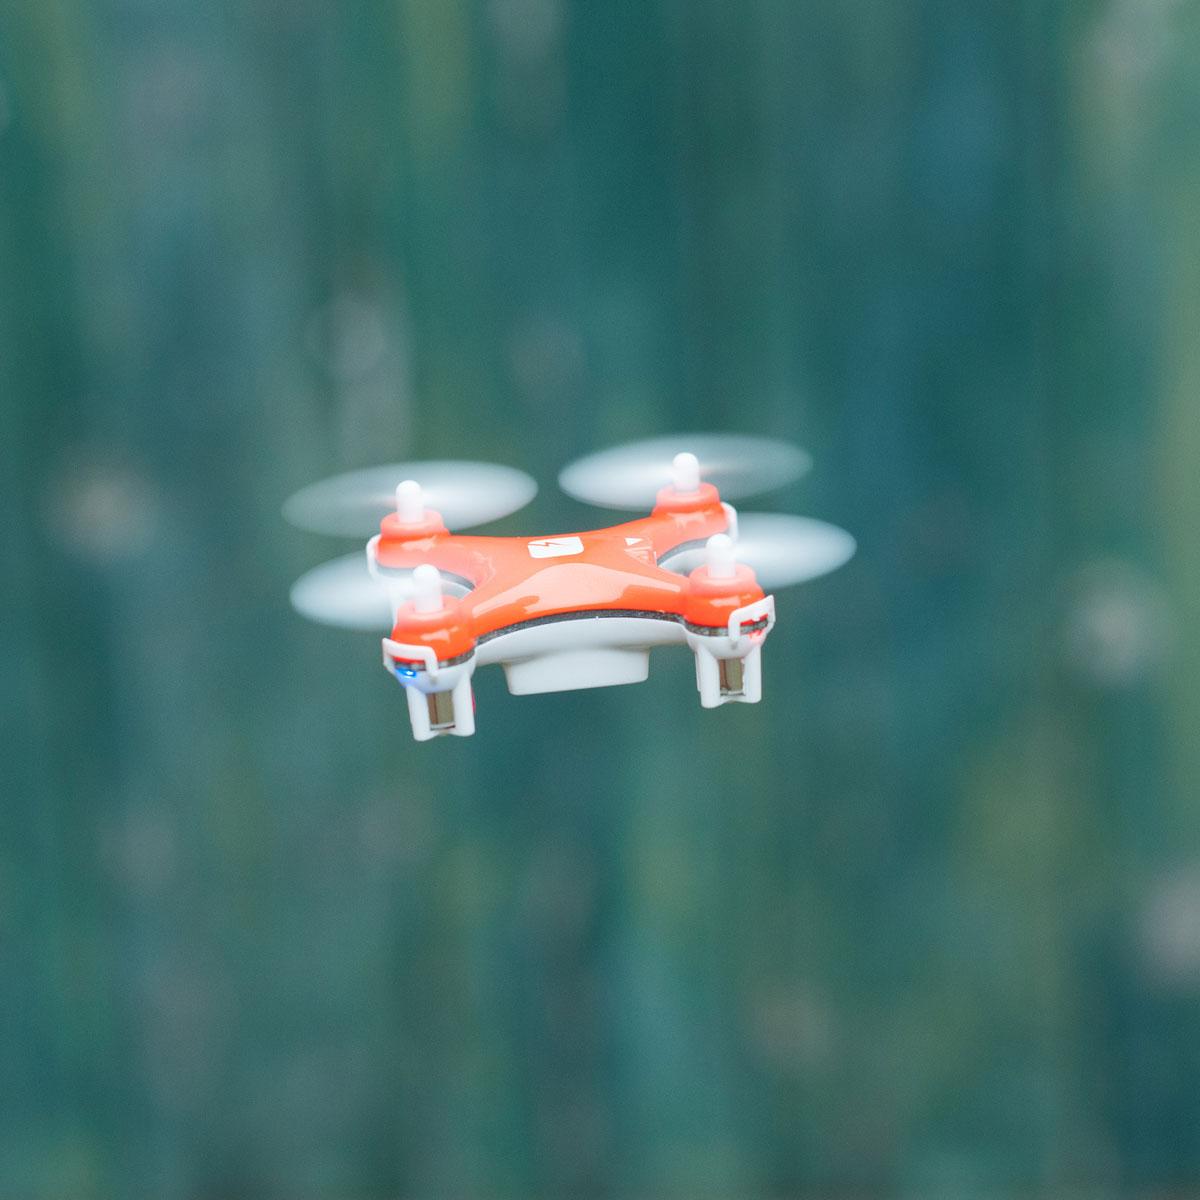 skeye-nano-drone-5